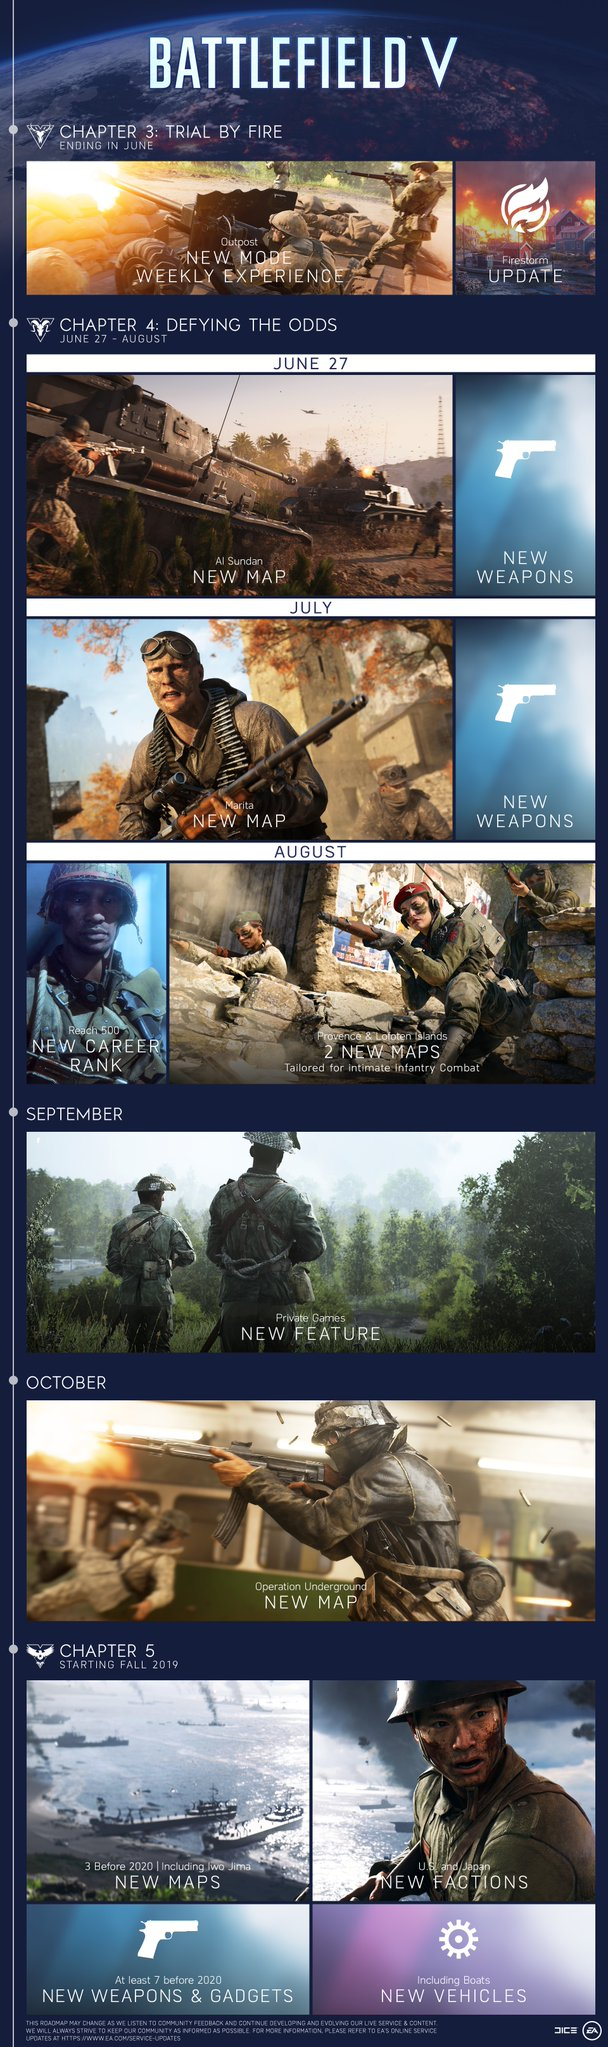 battlefield-v-bf5-ea-play-2019-chapitres-4-5-sentiers-de-guerre-roadmap-details-roadmap-feuille-de-route-image-01